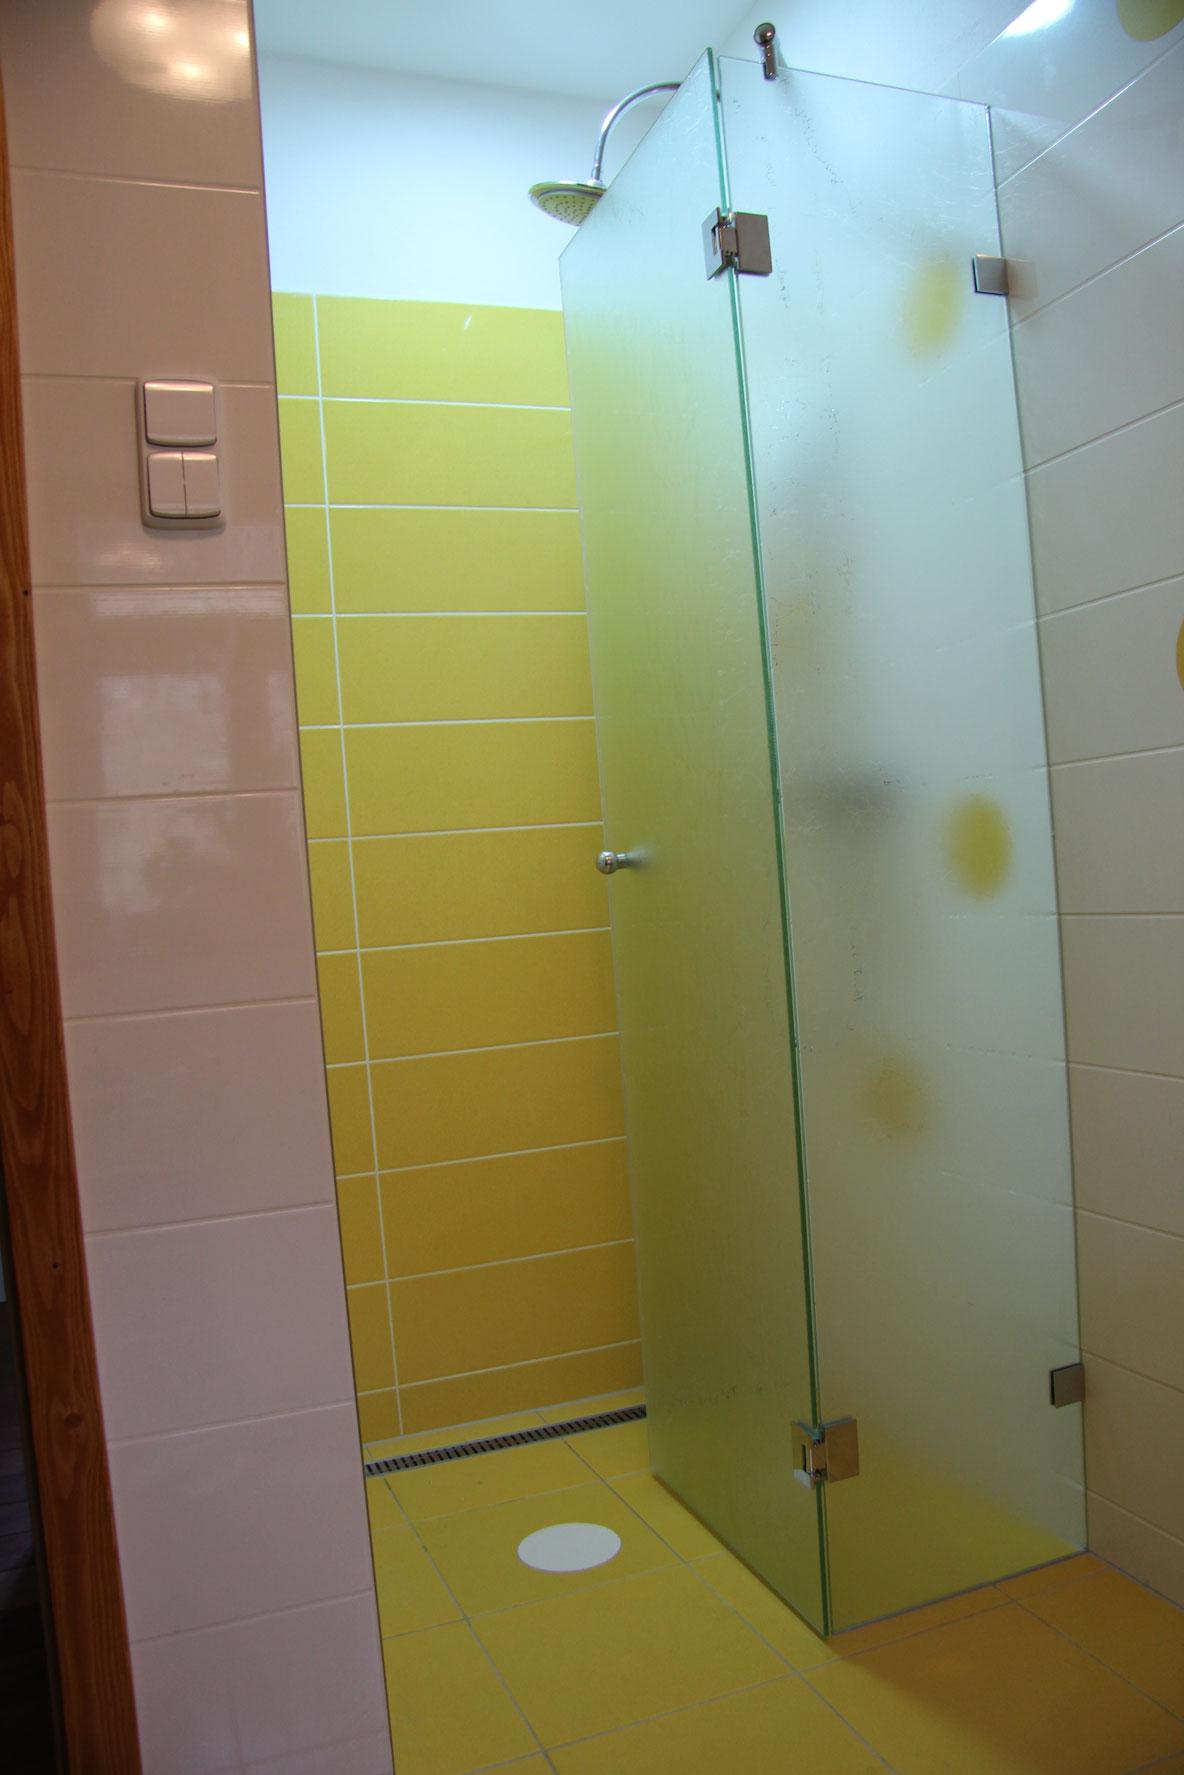 Sklenarstvi-Prerost-sprchove- kouty-a-sprchy (36)